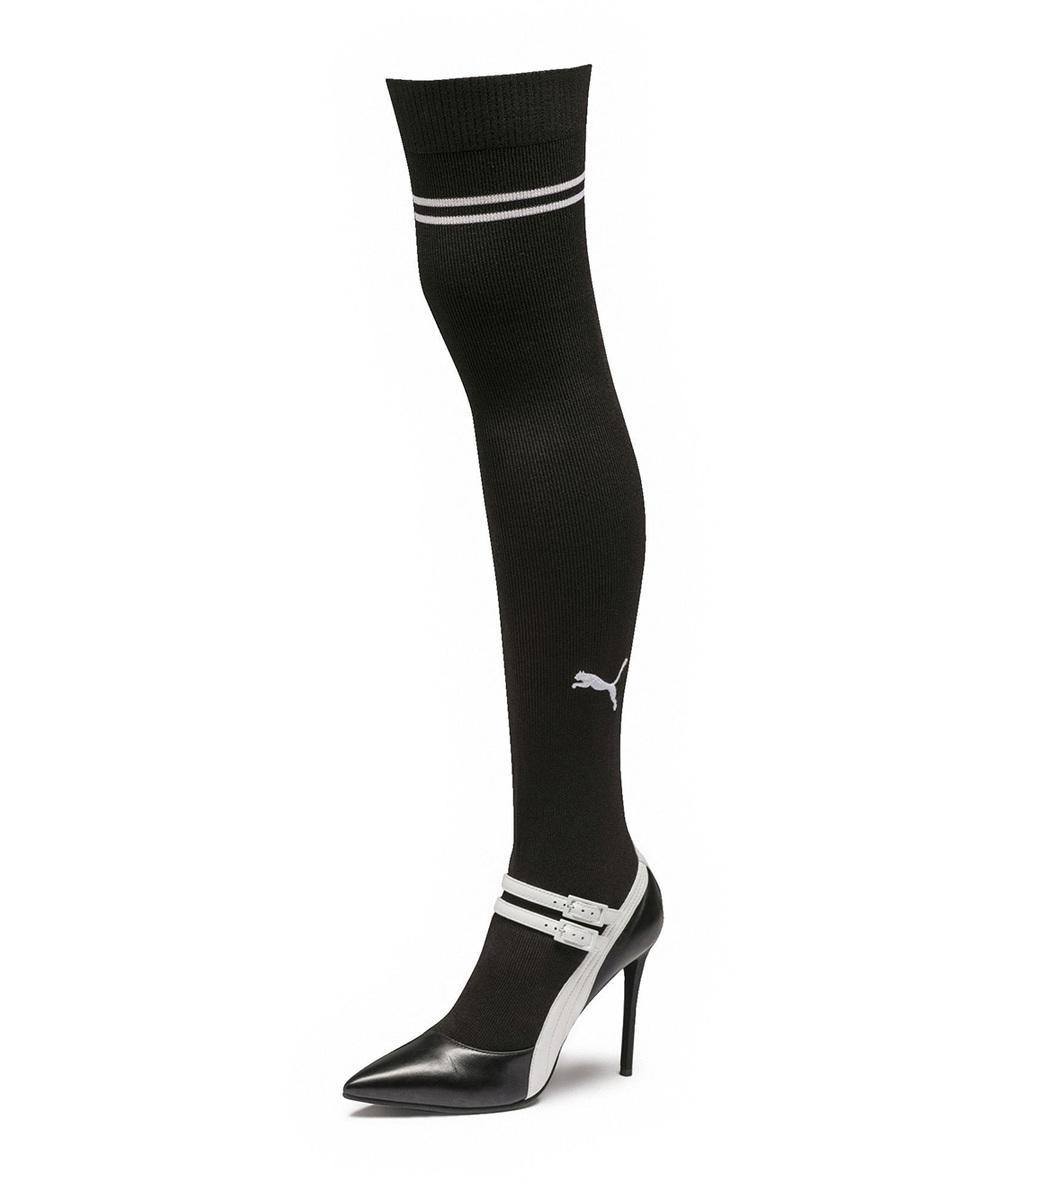 9a7e23a07fb Lyst - PUMA White Black Fenty X Mary Jane High Heel in Black